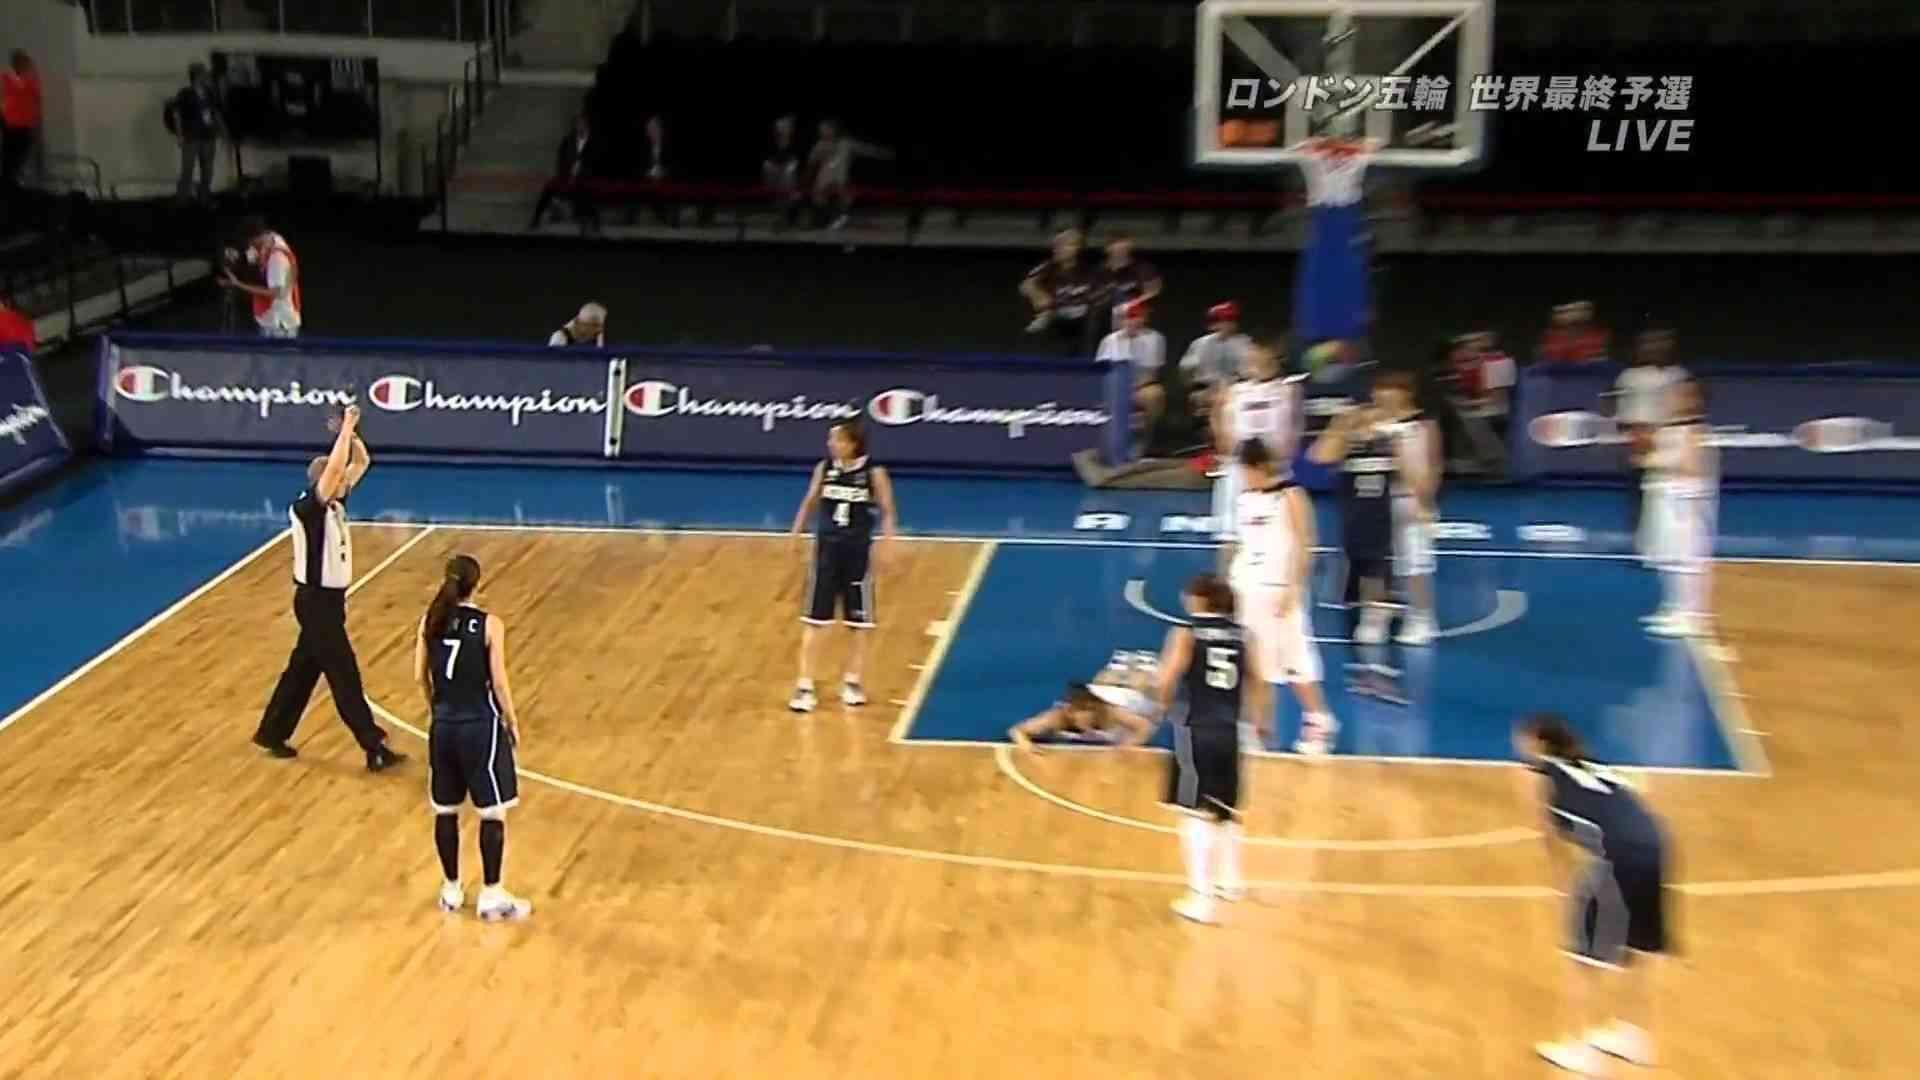 女子バスケ 日本vs韓国 韓国選手のラフプレー.mpg - YouTube